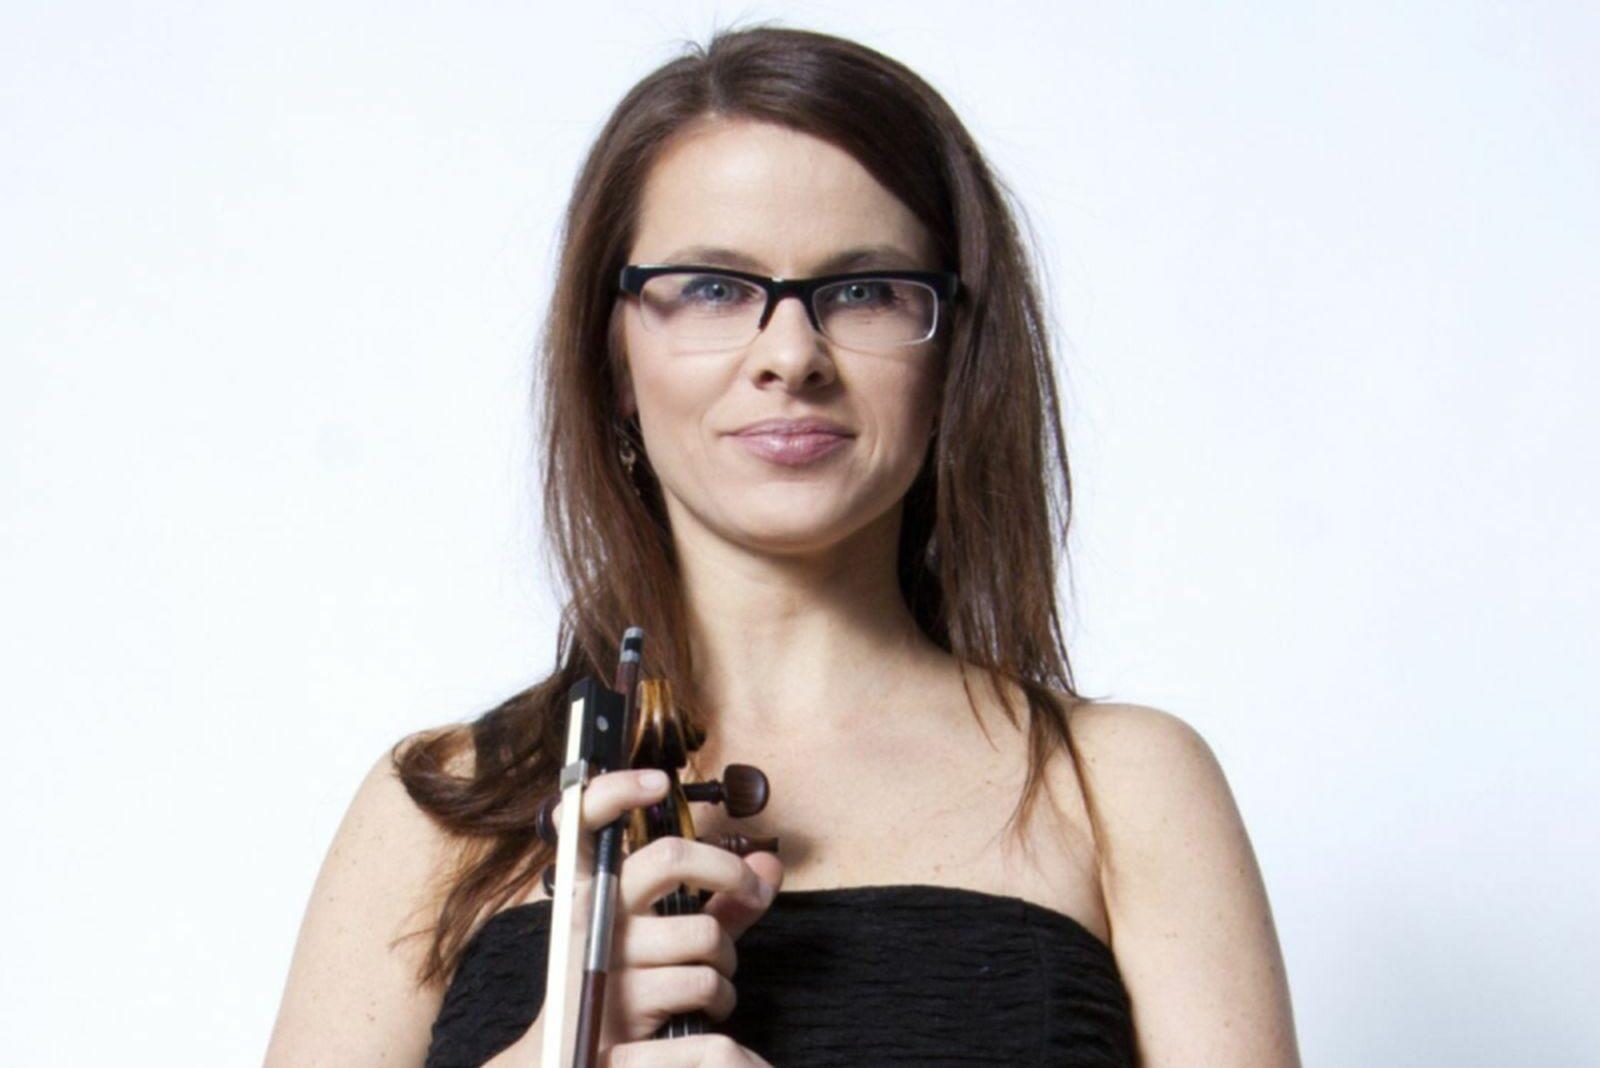 Artystka ze skrzypcami